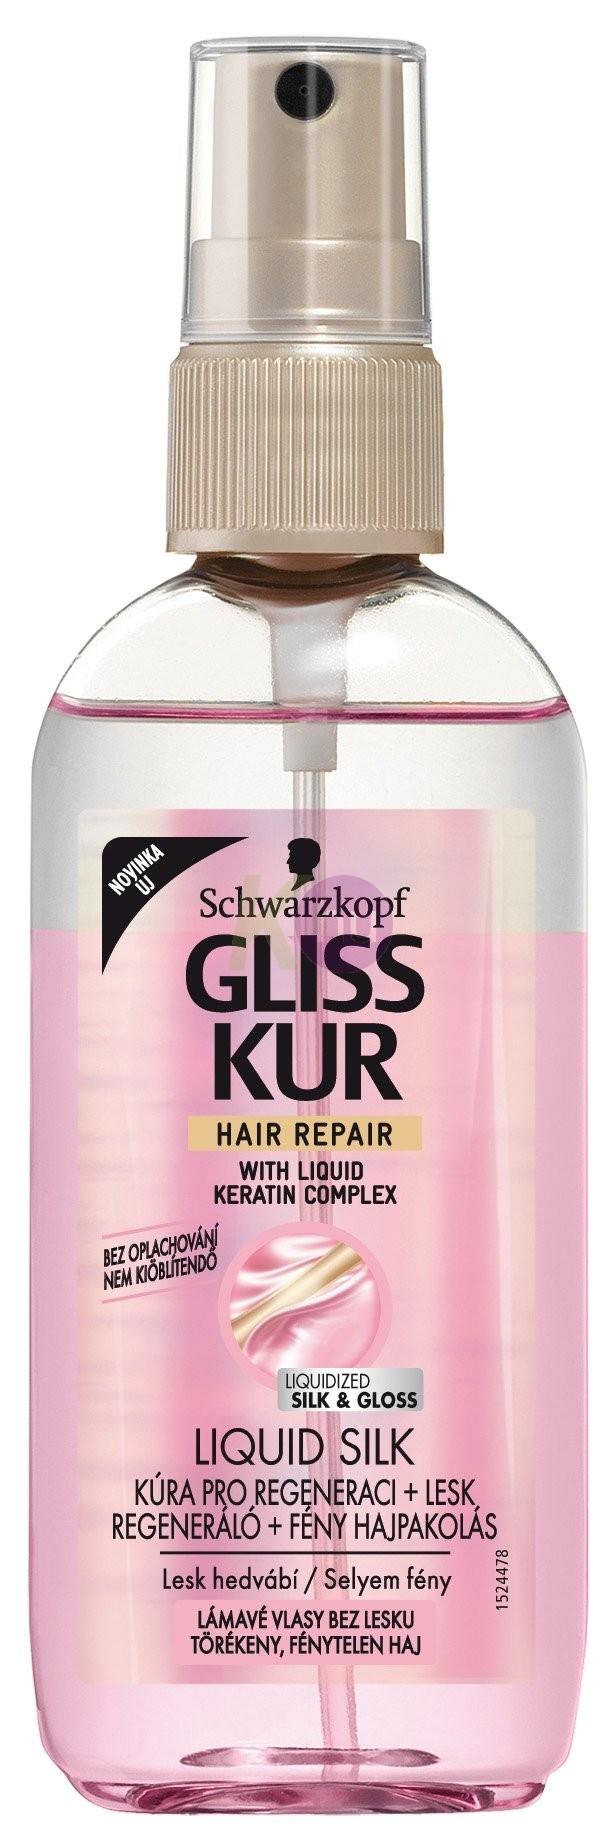 Gliss Kur kétfázisú ápoló spray 100ml folyékony selyem 12031286